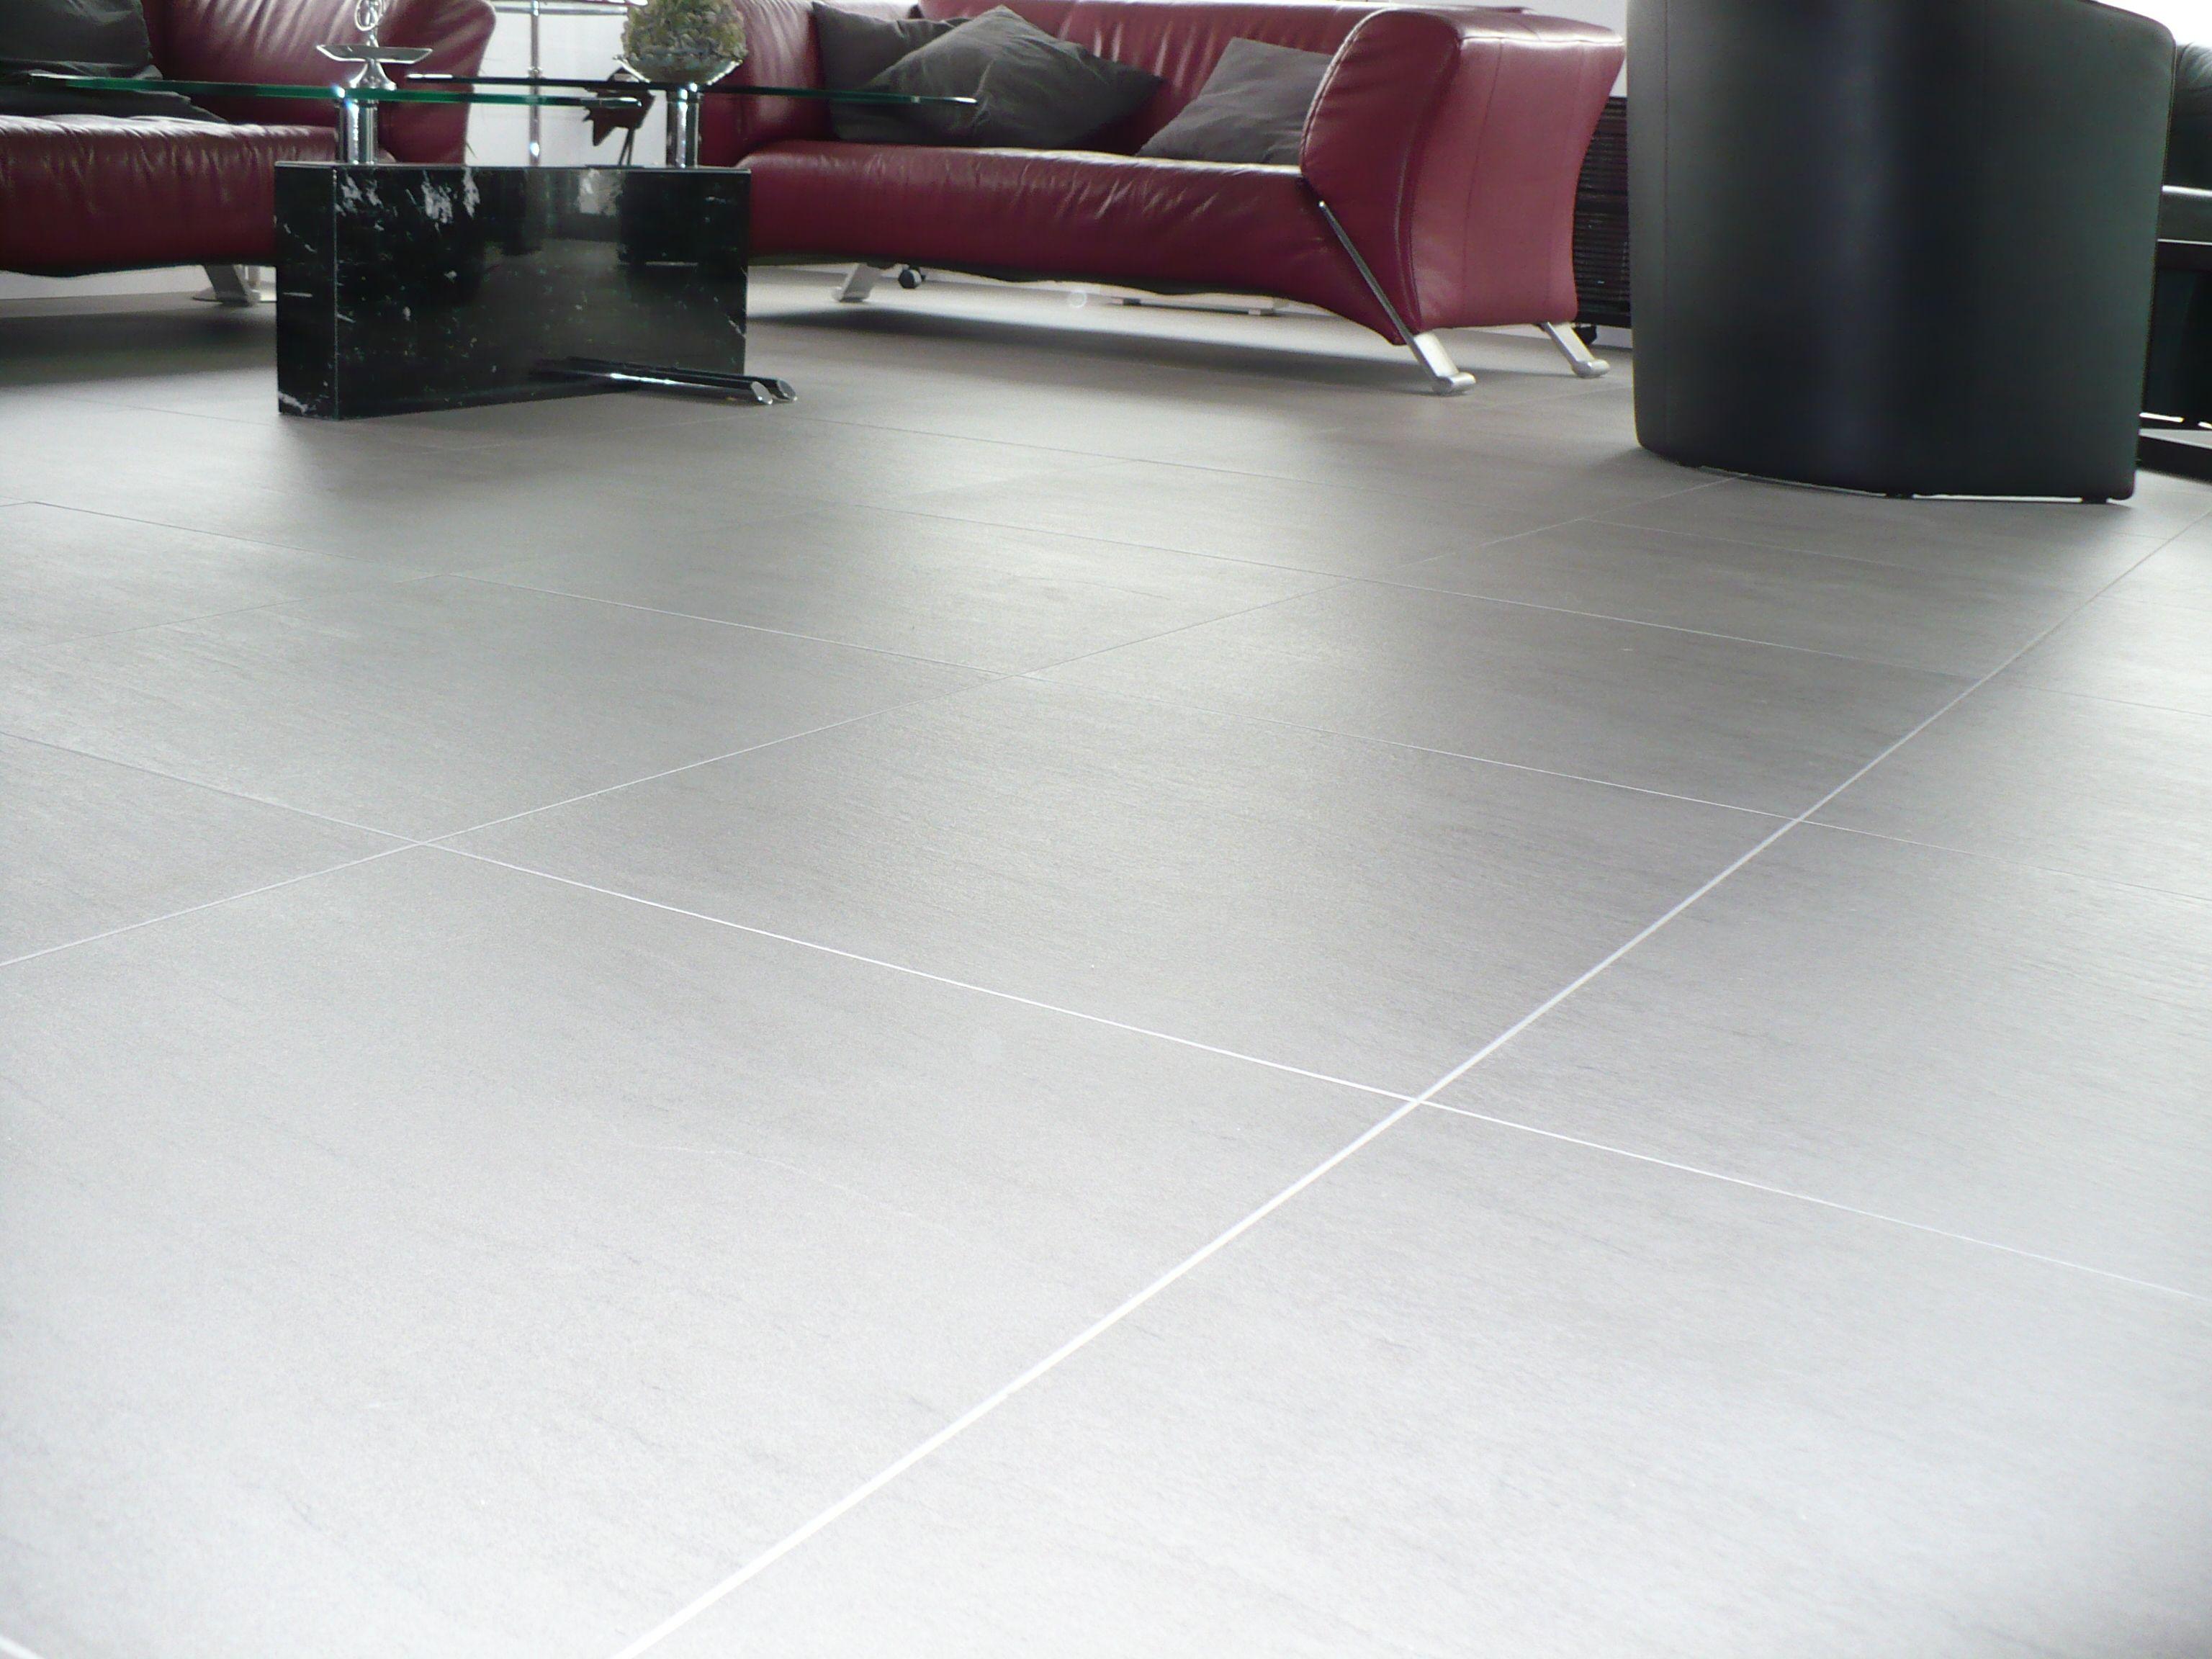 Woonkamer vloertegels grijs strak met lichte voeg woonkamer pinterest vloertegels grijs - Tegel grijs antraciet gepolijst ...